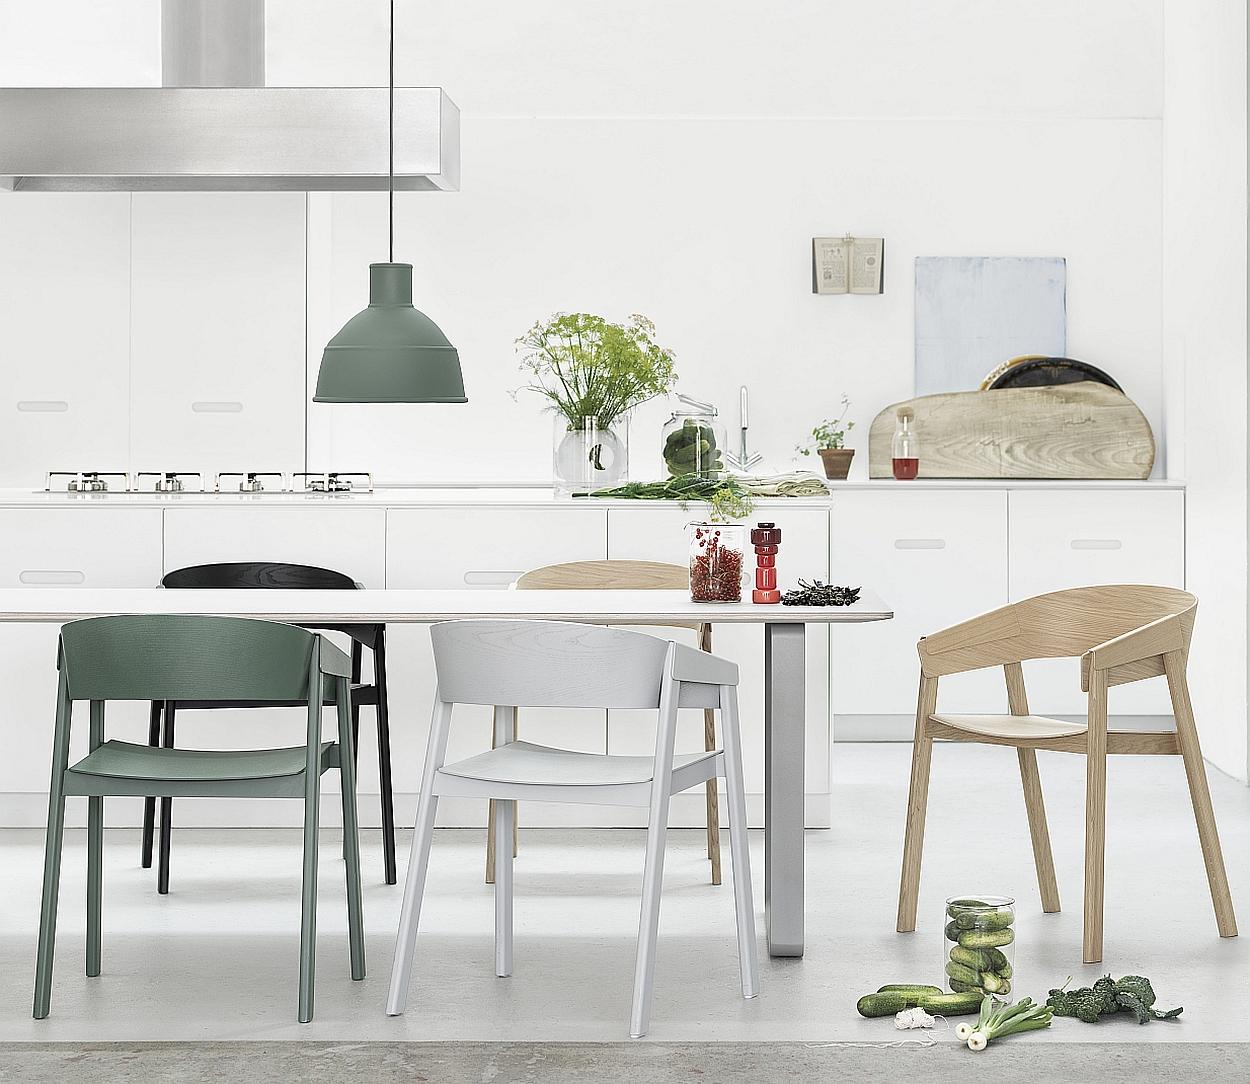 Design Hanglamp Keuken : Muuto Unfold hanglamp: Inspiratie – Afmetingen & kostprijs